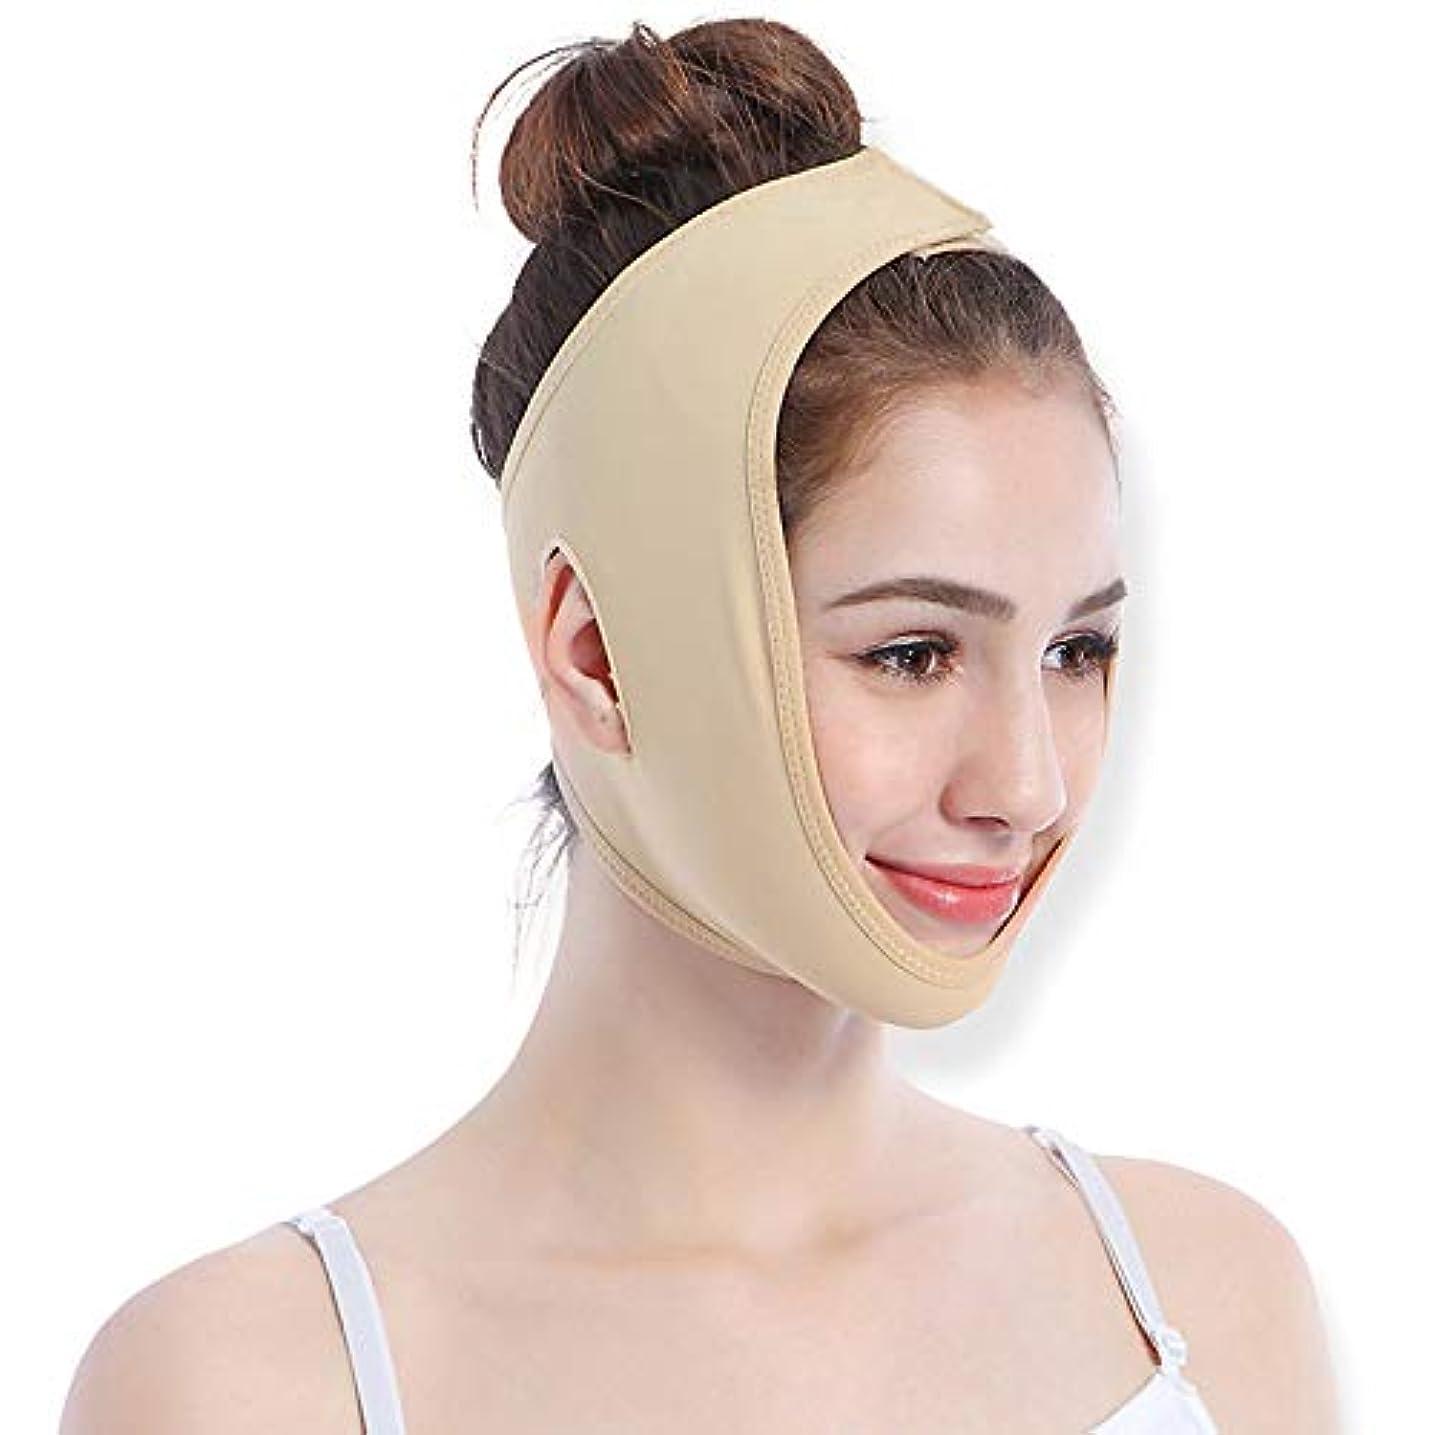 野生を除くするだろう顔の重量損失通気性顔マスク睡眠 V 顔マスク顔リフティング包帯リフティング引き締めフェイスリフティングユニセックス,S